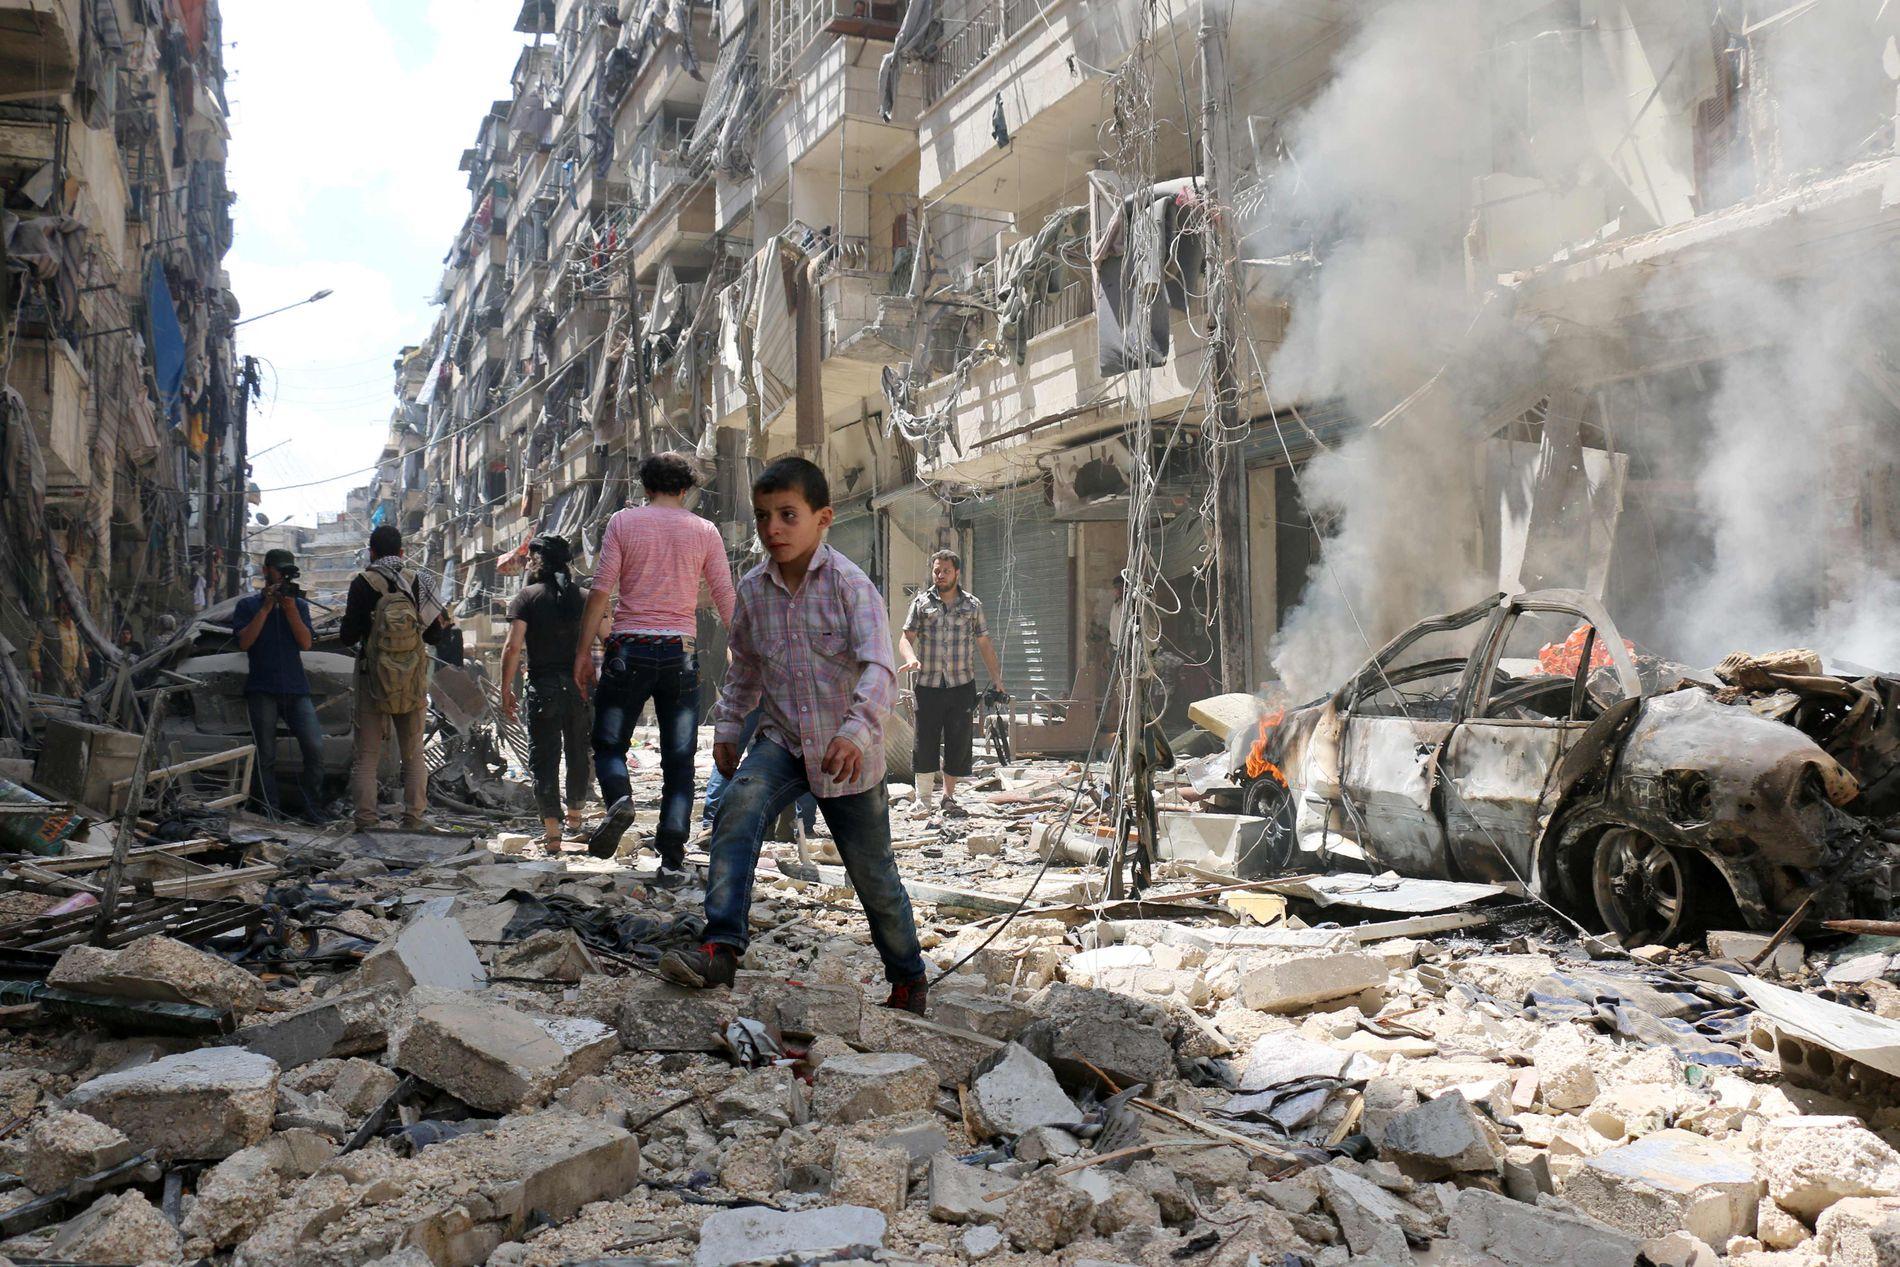 I RUINER: Innbyggere ser på de enorme ødeleggelsene etter et luftangrep i den syriske byen Aleppo i slutten av april.